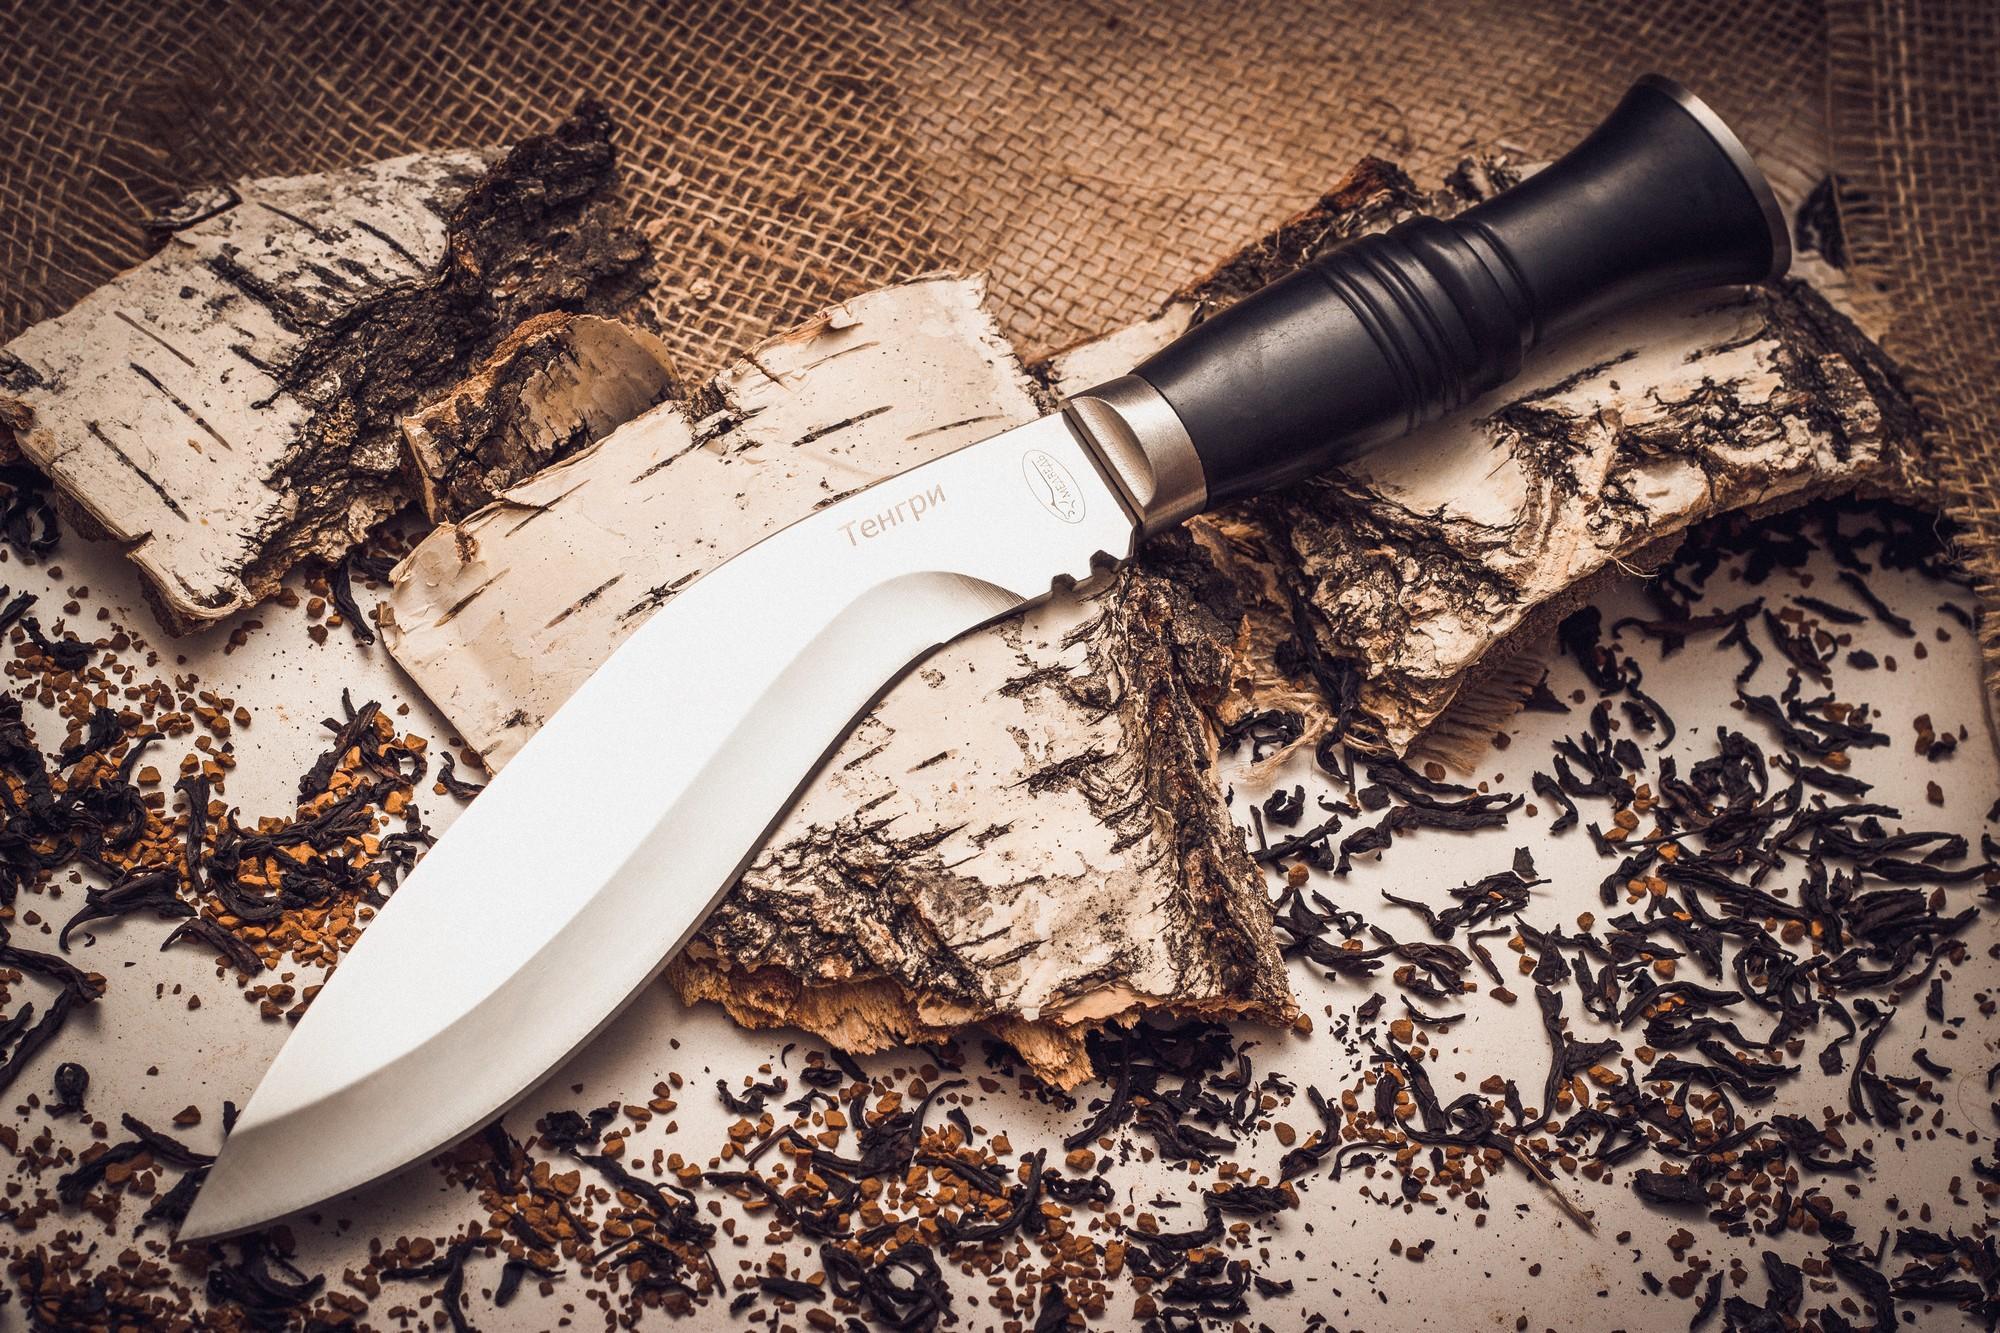 Нож Кукри ТенгриViking Nordway<br>Нож Кукри Тенгри – одна из разновидностей мачете, отличается серповидной формой клинка. Такой инструмент легко справится со многими задачами: им удобно рубить ветки и небольшие деревья, резать веревки и даже шинковать овощи. К тому же кукри является действенным средством самообороны. Нож-мачете КукриТенгри изготовлен из низкоуглеродистой 420 стали, благодаря чему имеет высокую стойкость к коррозии. Клинок затачивается без проблем, однако требует частой правки. Изделие комплектуется удобным чехлом из кожзаменителя.<br>